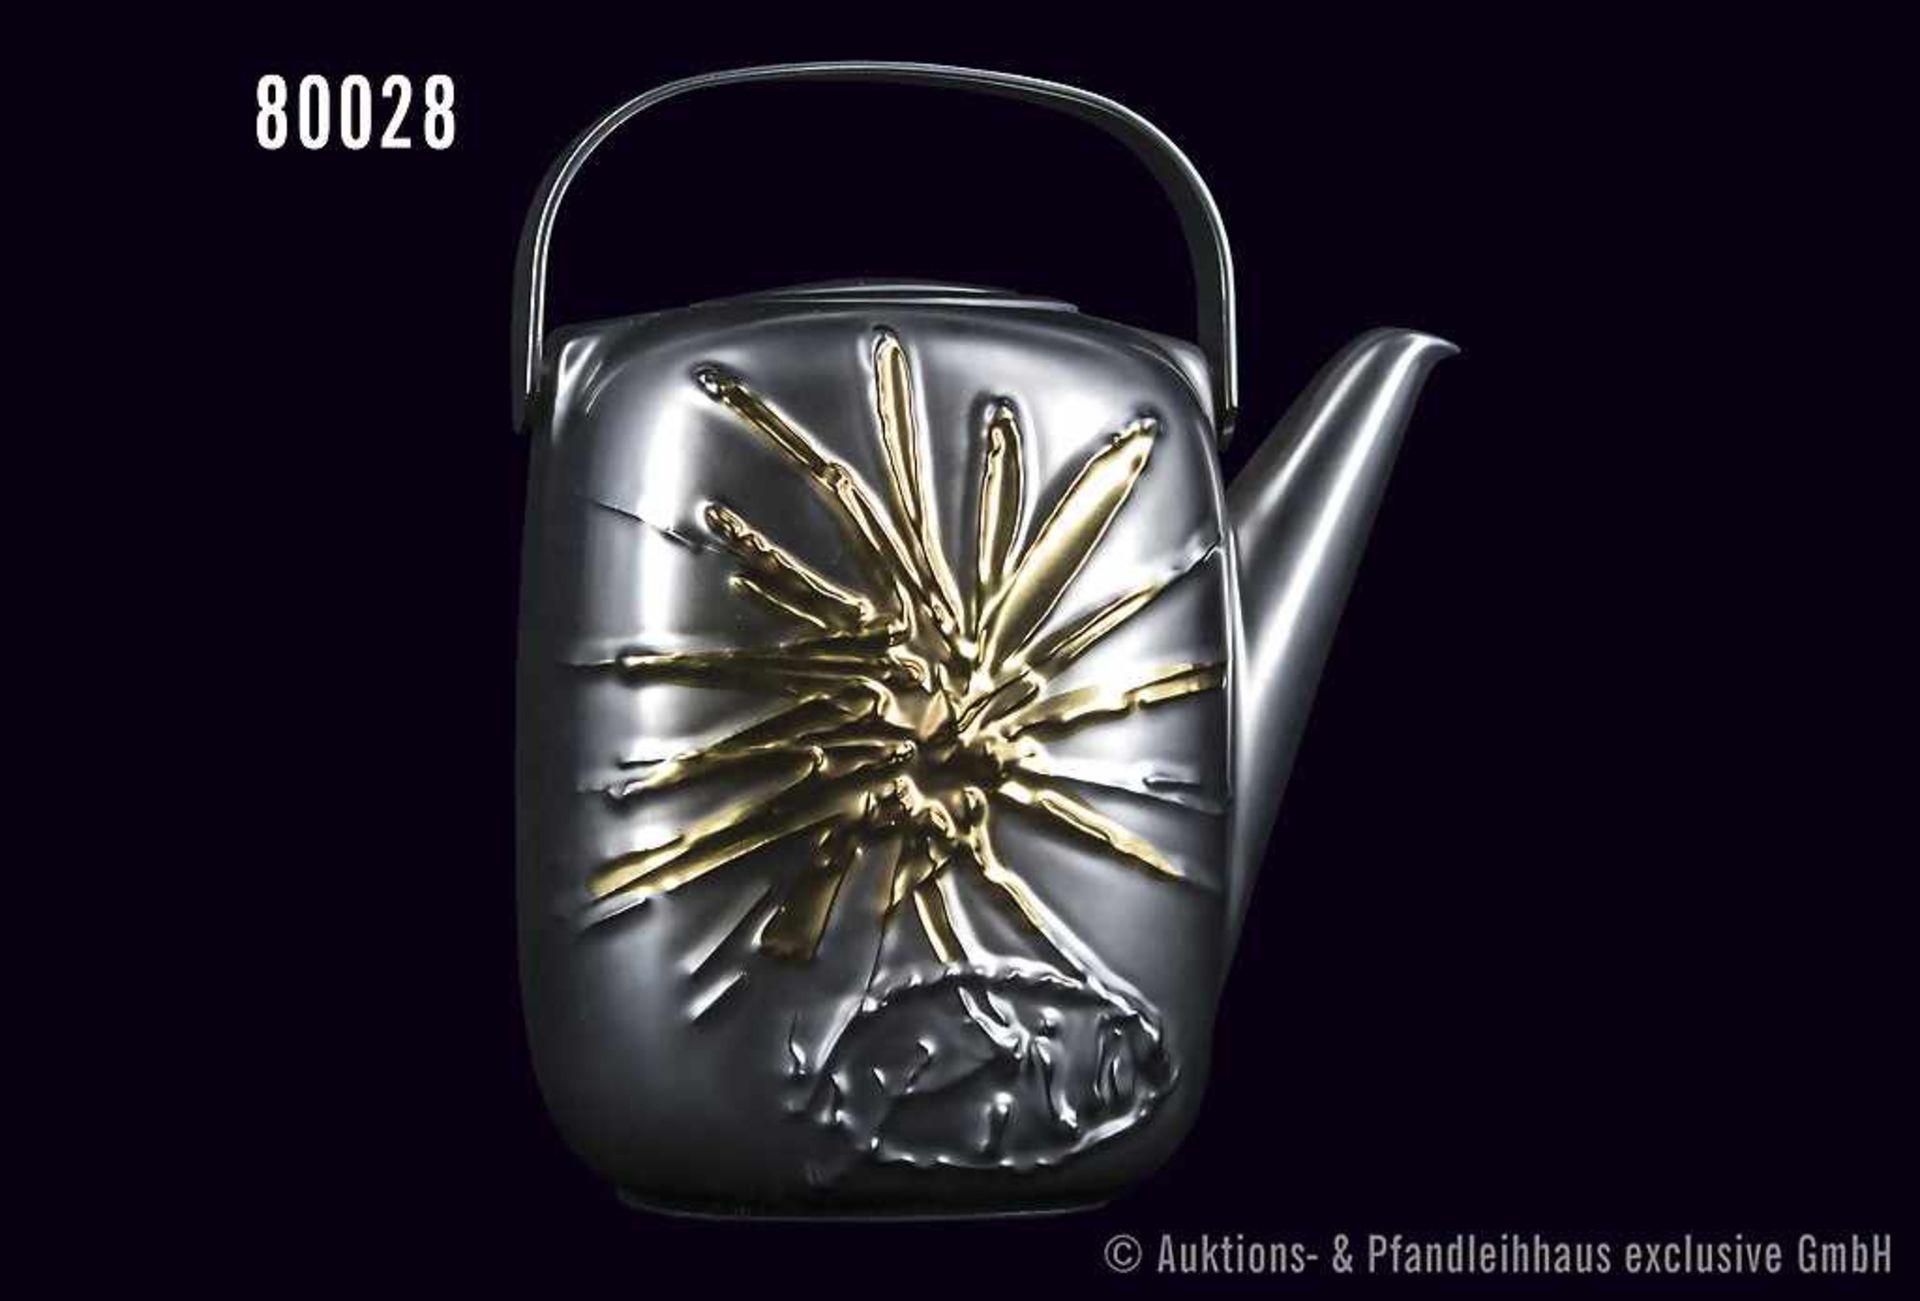 Rosenthal Porzellan, Suomiobjekt Kaffeekanne, Dekor Piene Weißgold, limitierte Kunstreihen, Nr. - Bild 2 aus 2